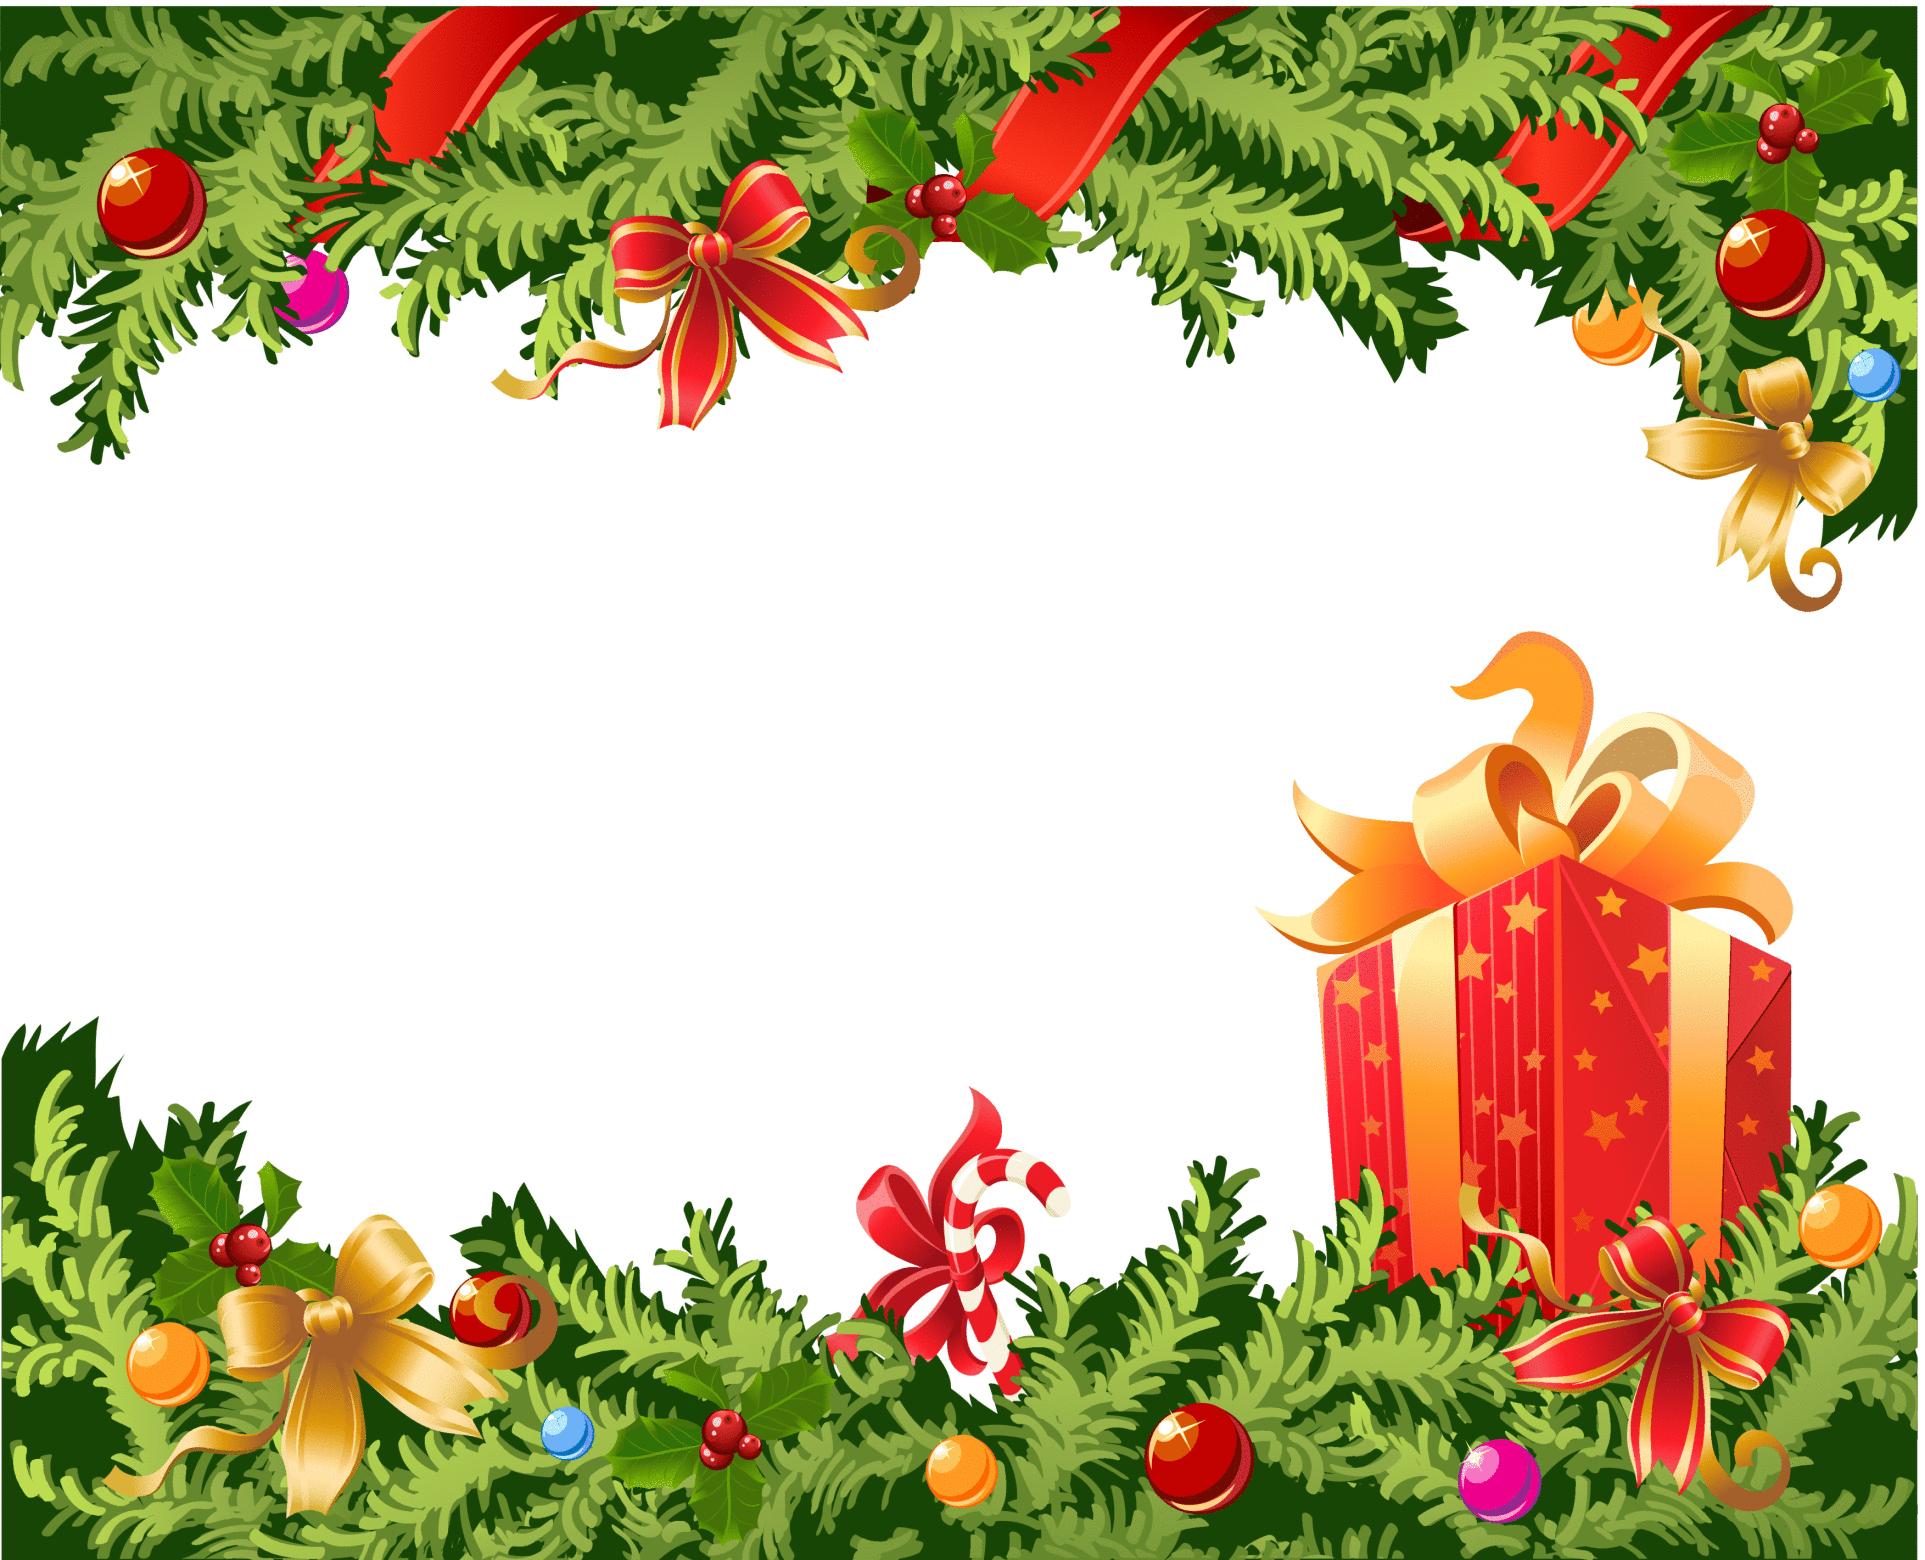 Tarjetas navide as para personalizar gu a de manualidades - Como realizar tarjetas navidenas ...